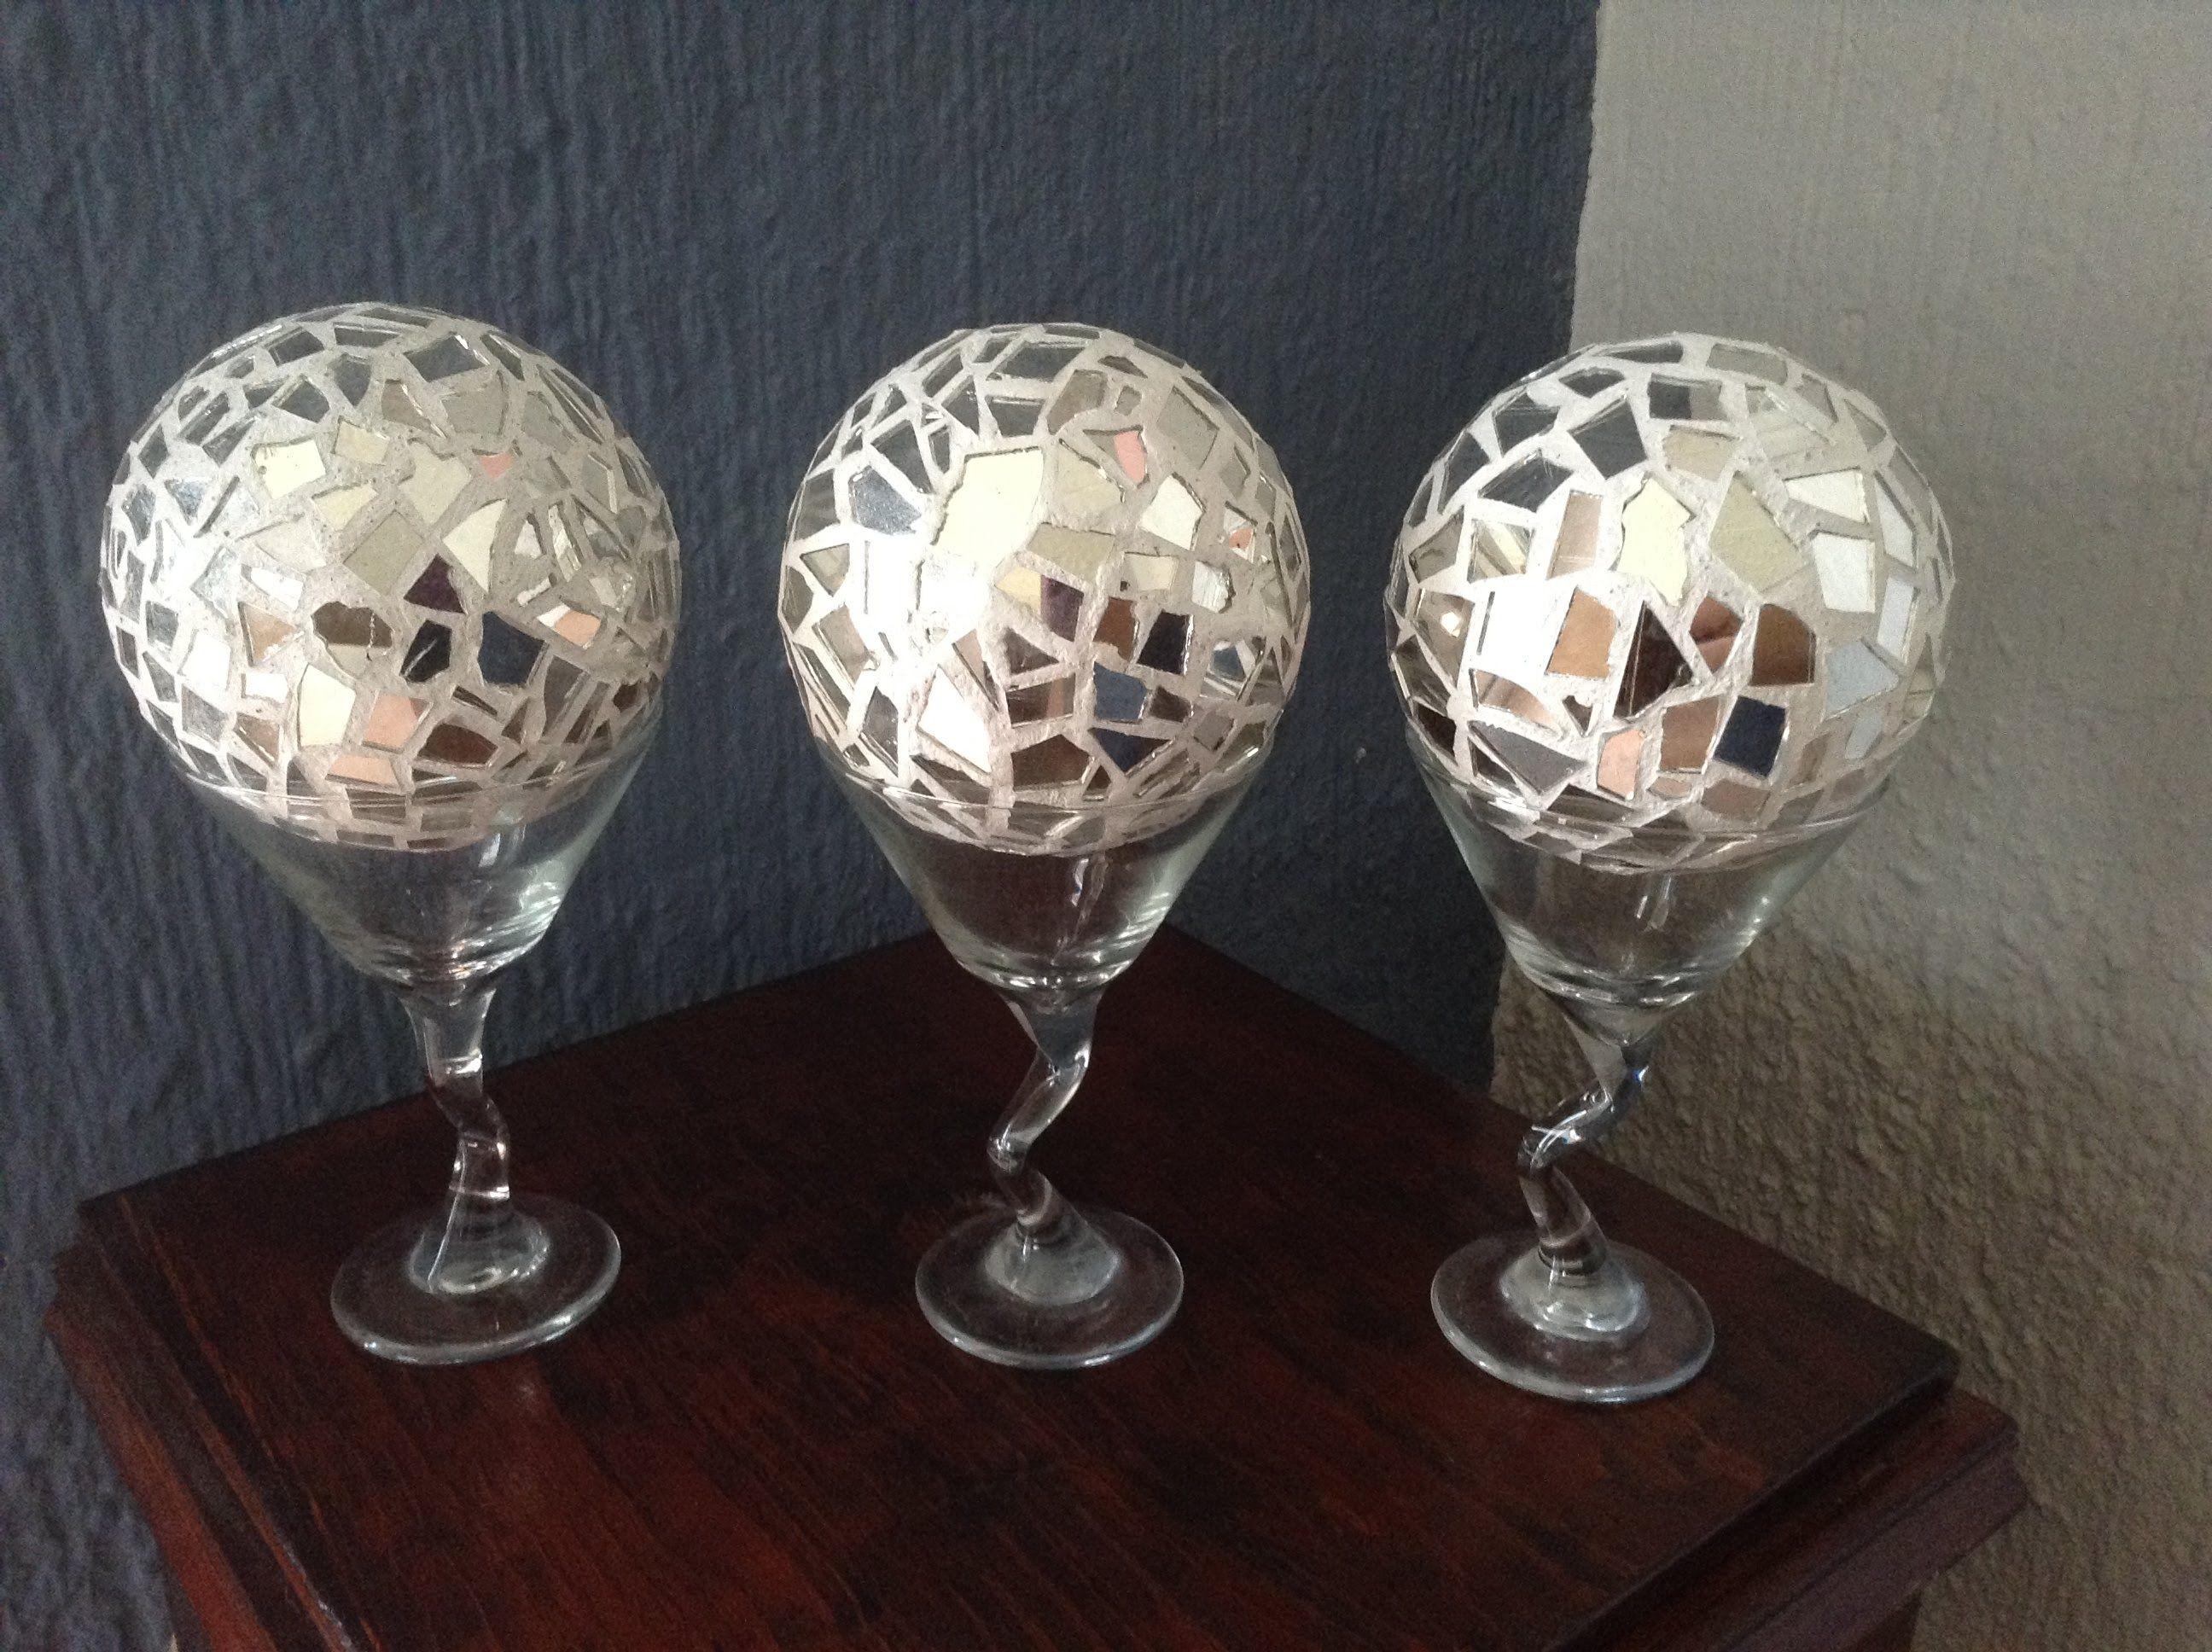 Diy esferas de espejo tipo mosaico para decoracion - Decoracion de espejos ...